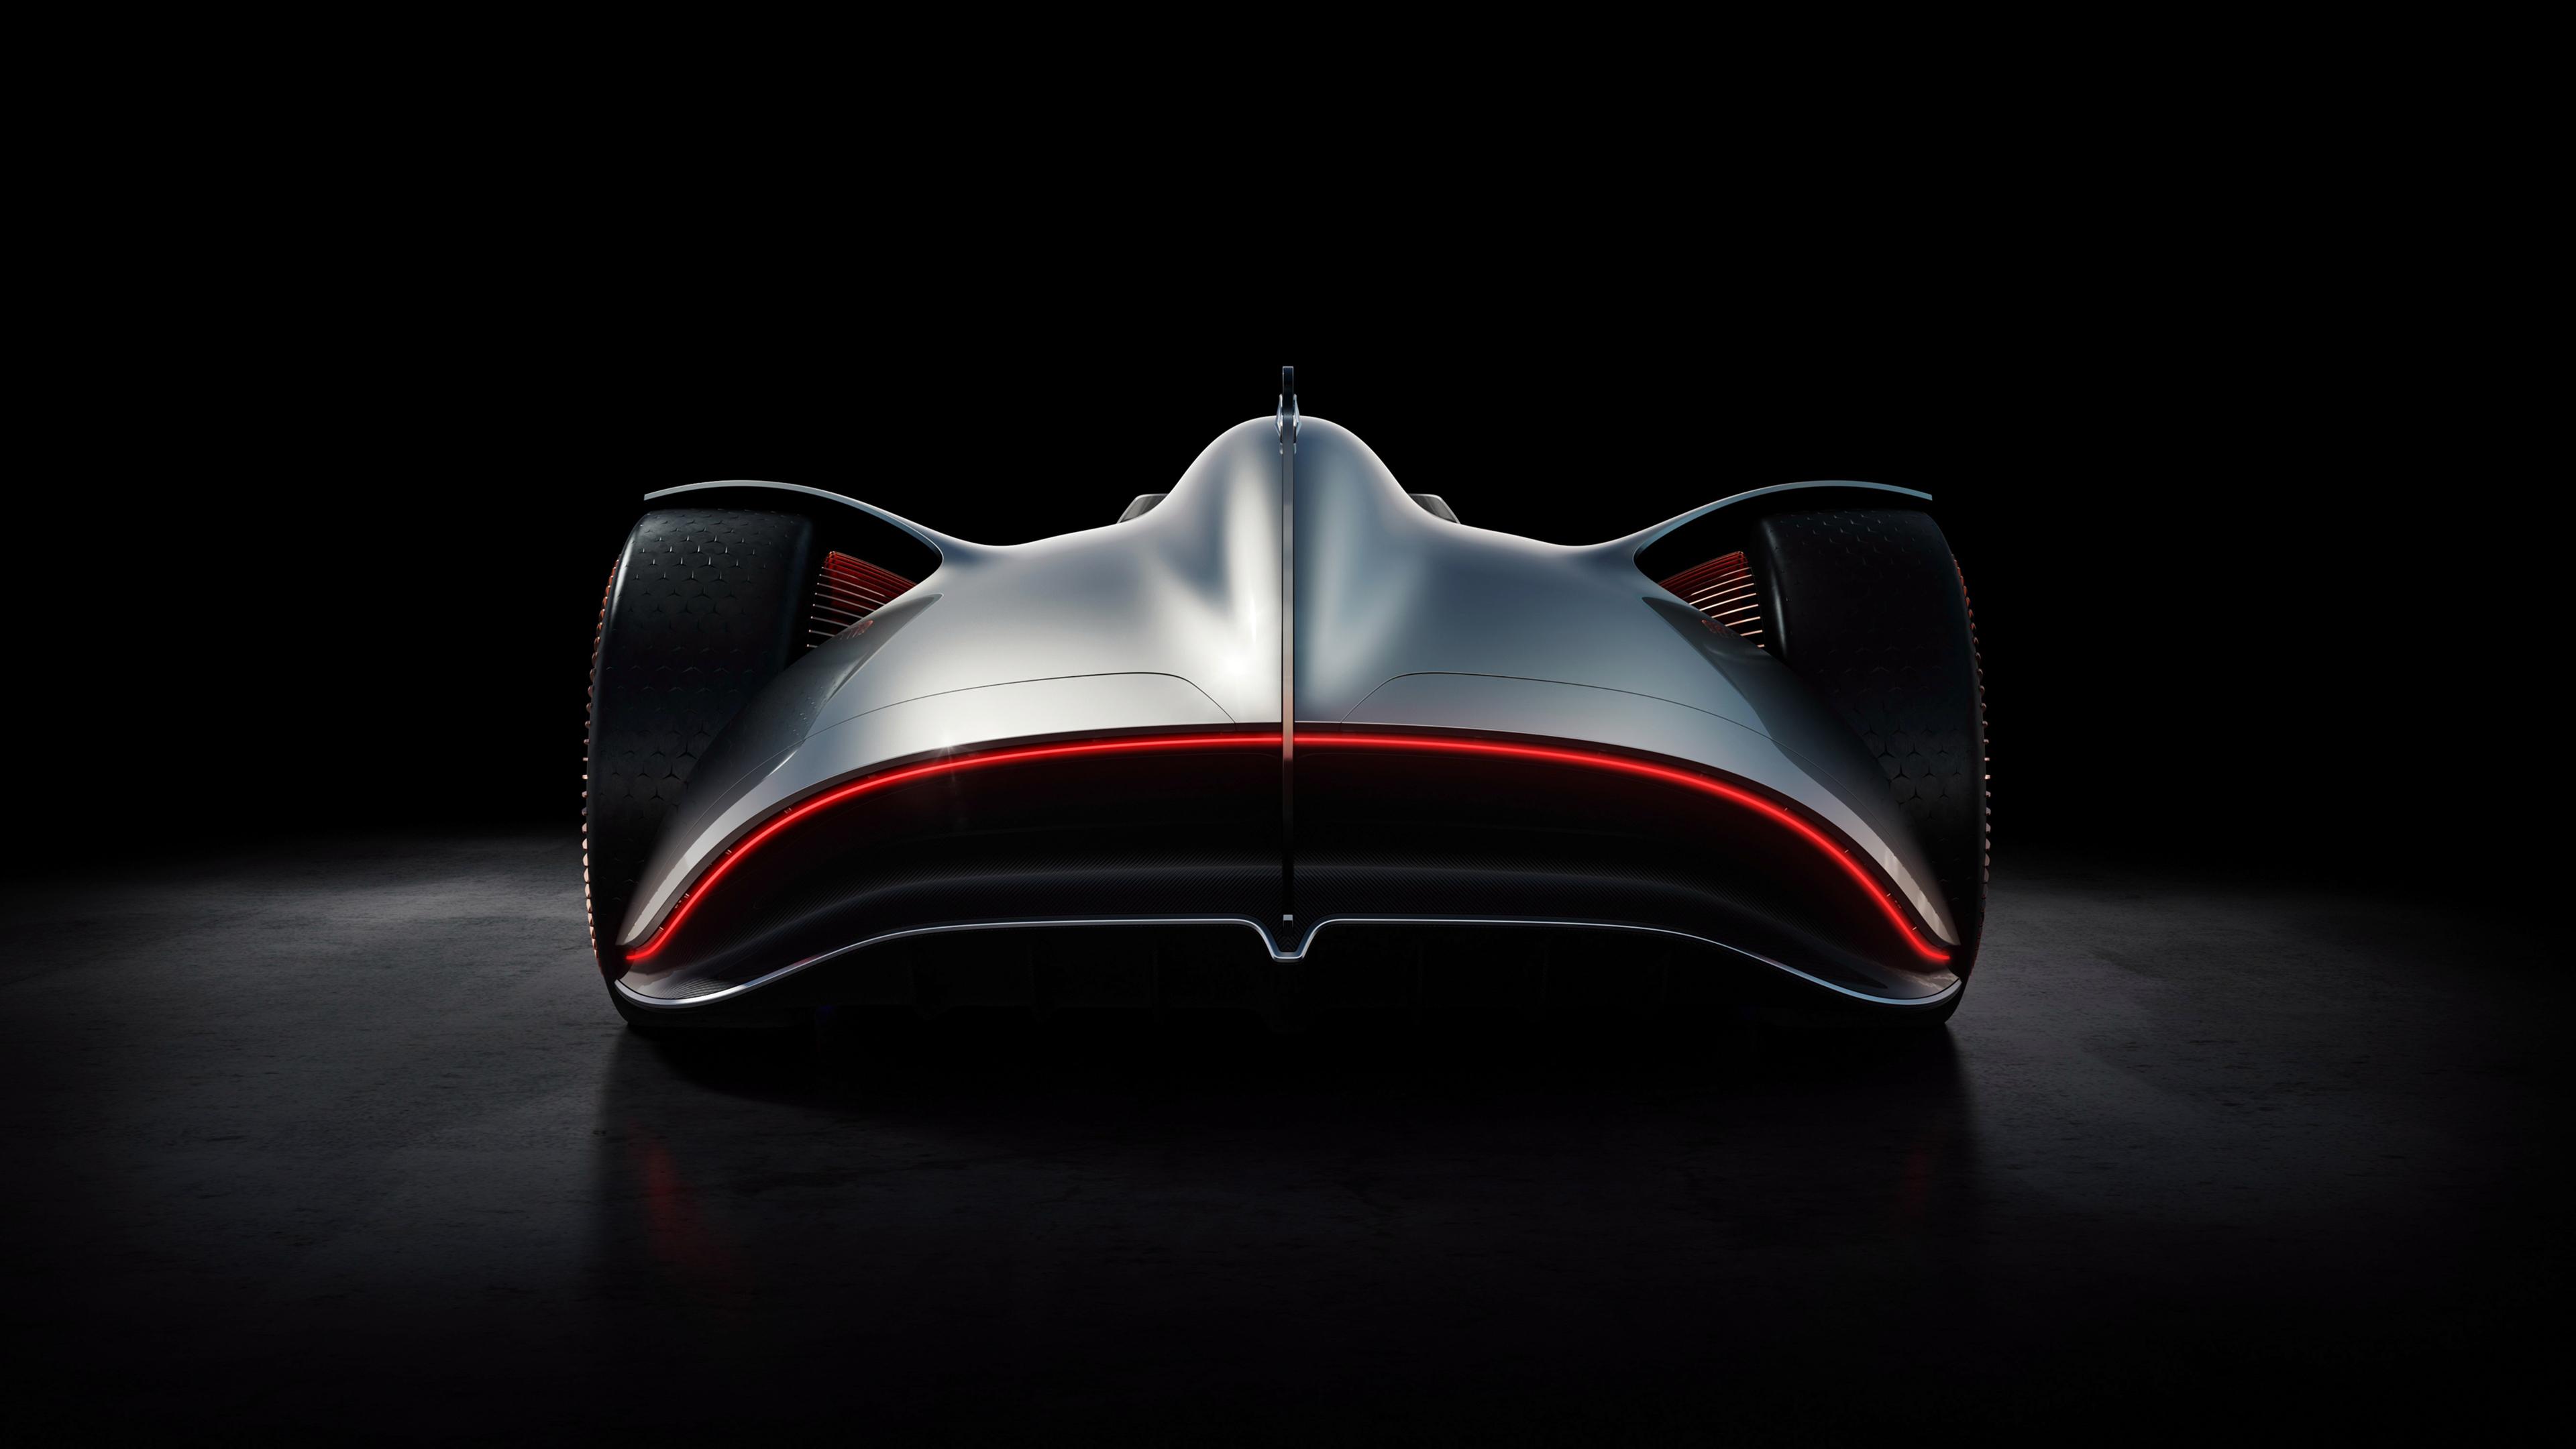 Mercedes benz vision eq silver arrow 4k 5 wallpaper hd for Auto mercedes benz